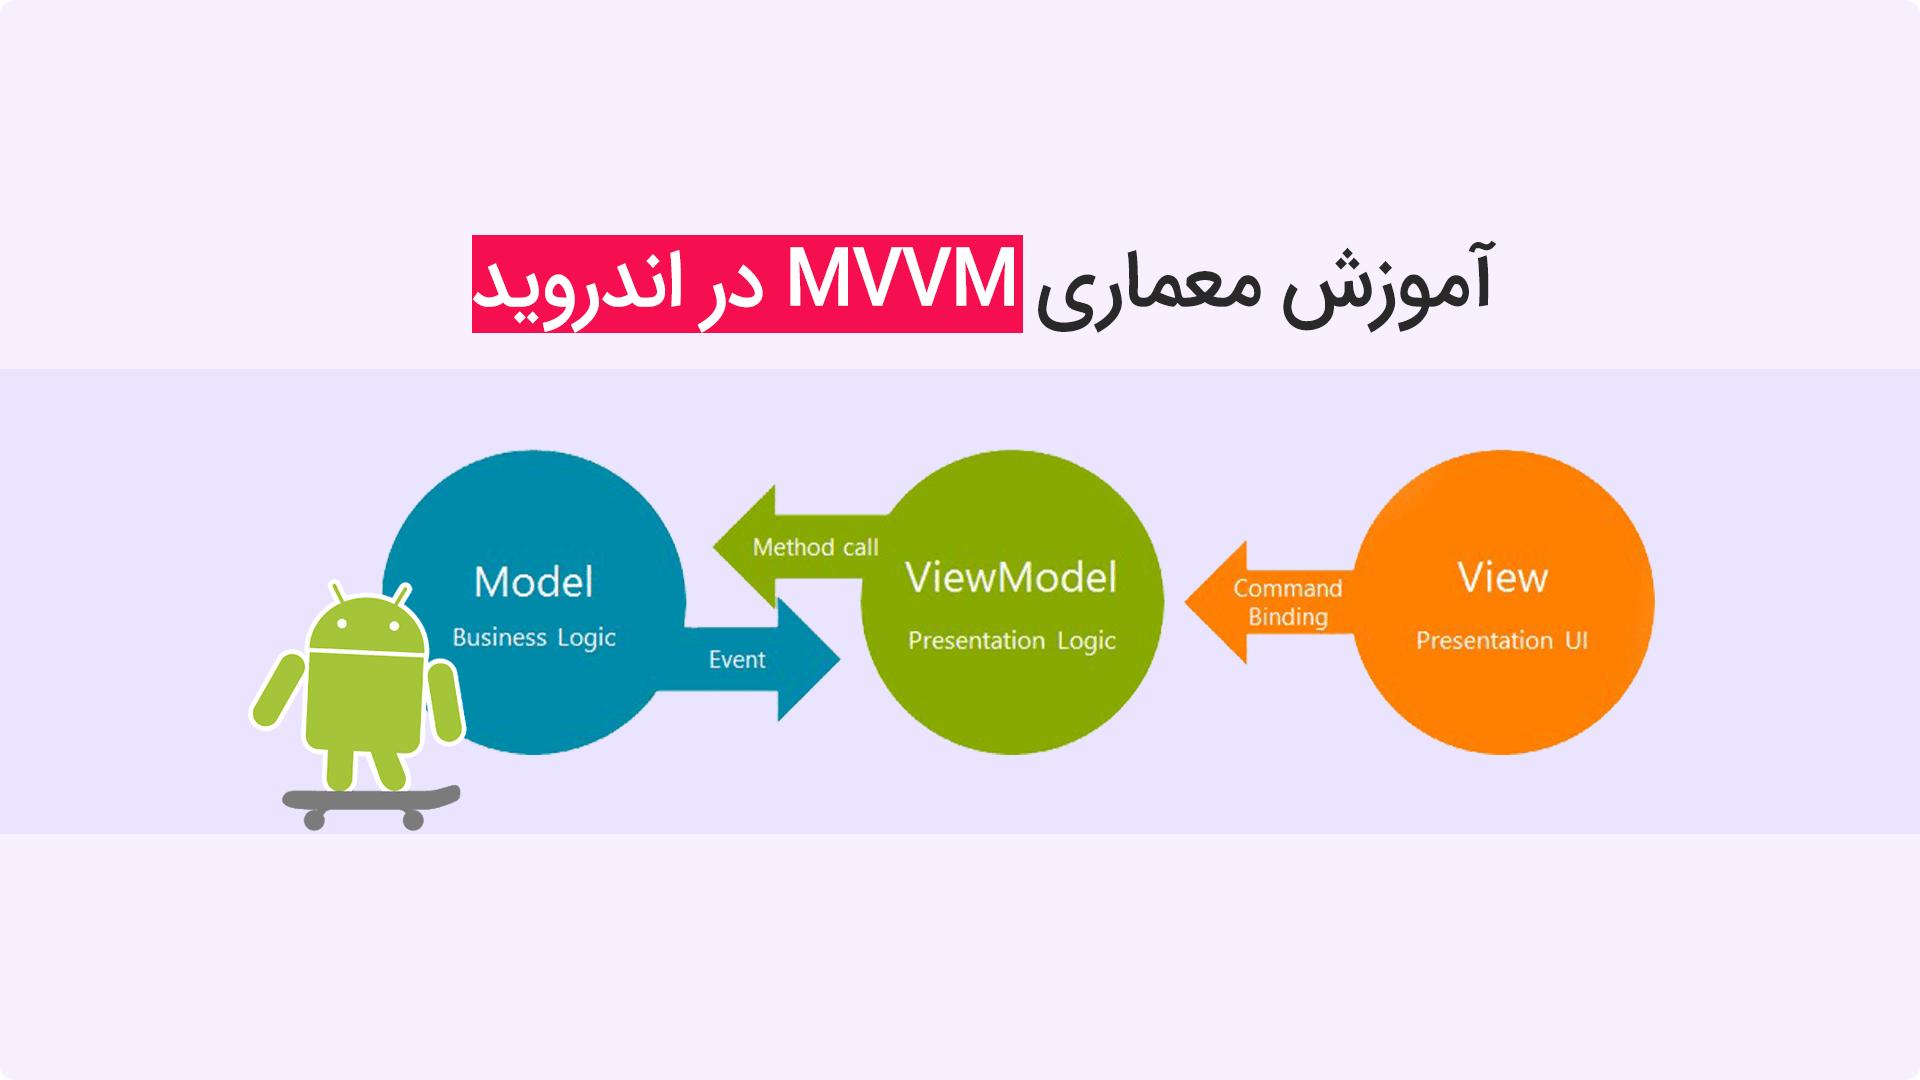 آموزش معماری MVVM در اندروید